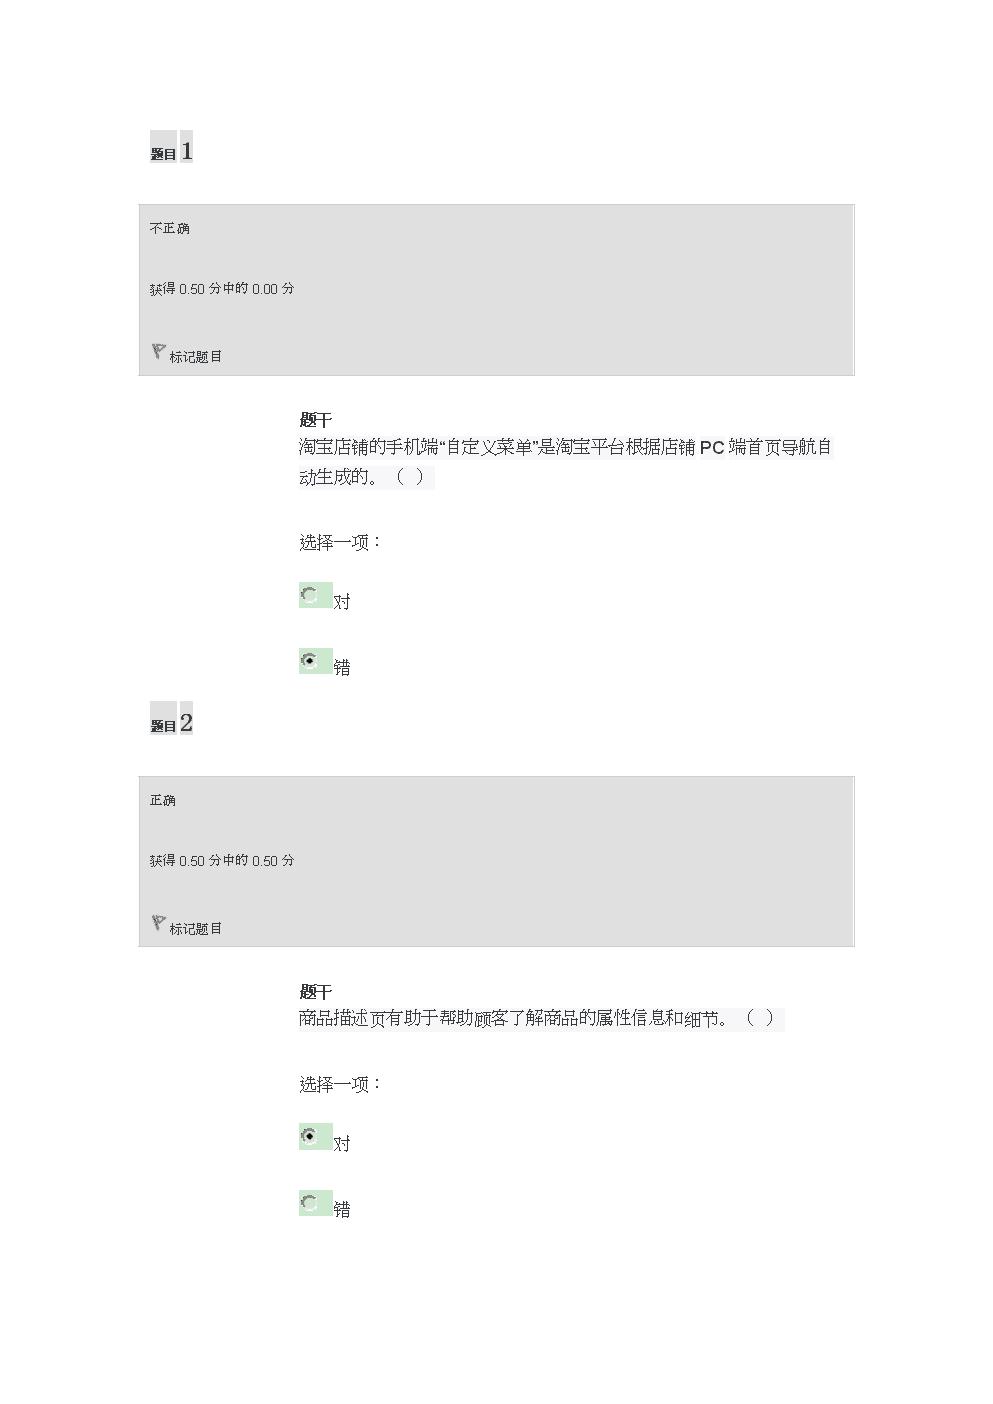 农村电商实务作业二.docx